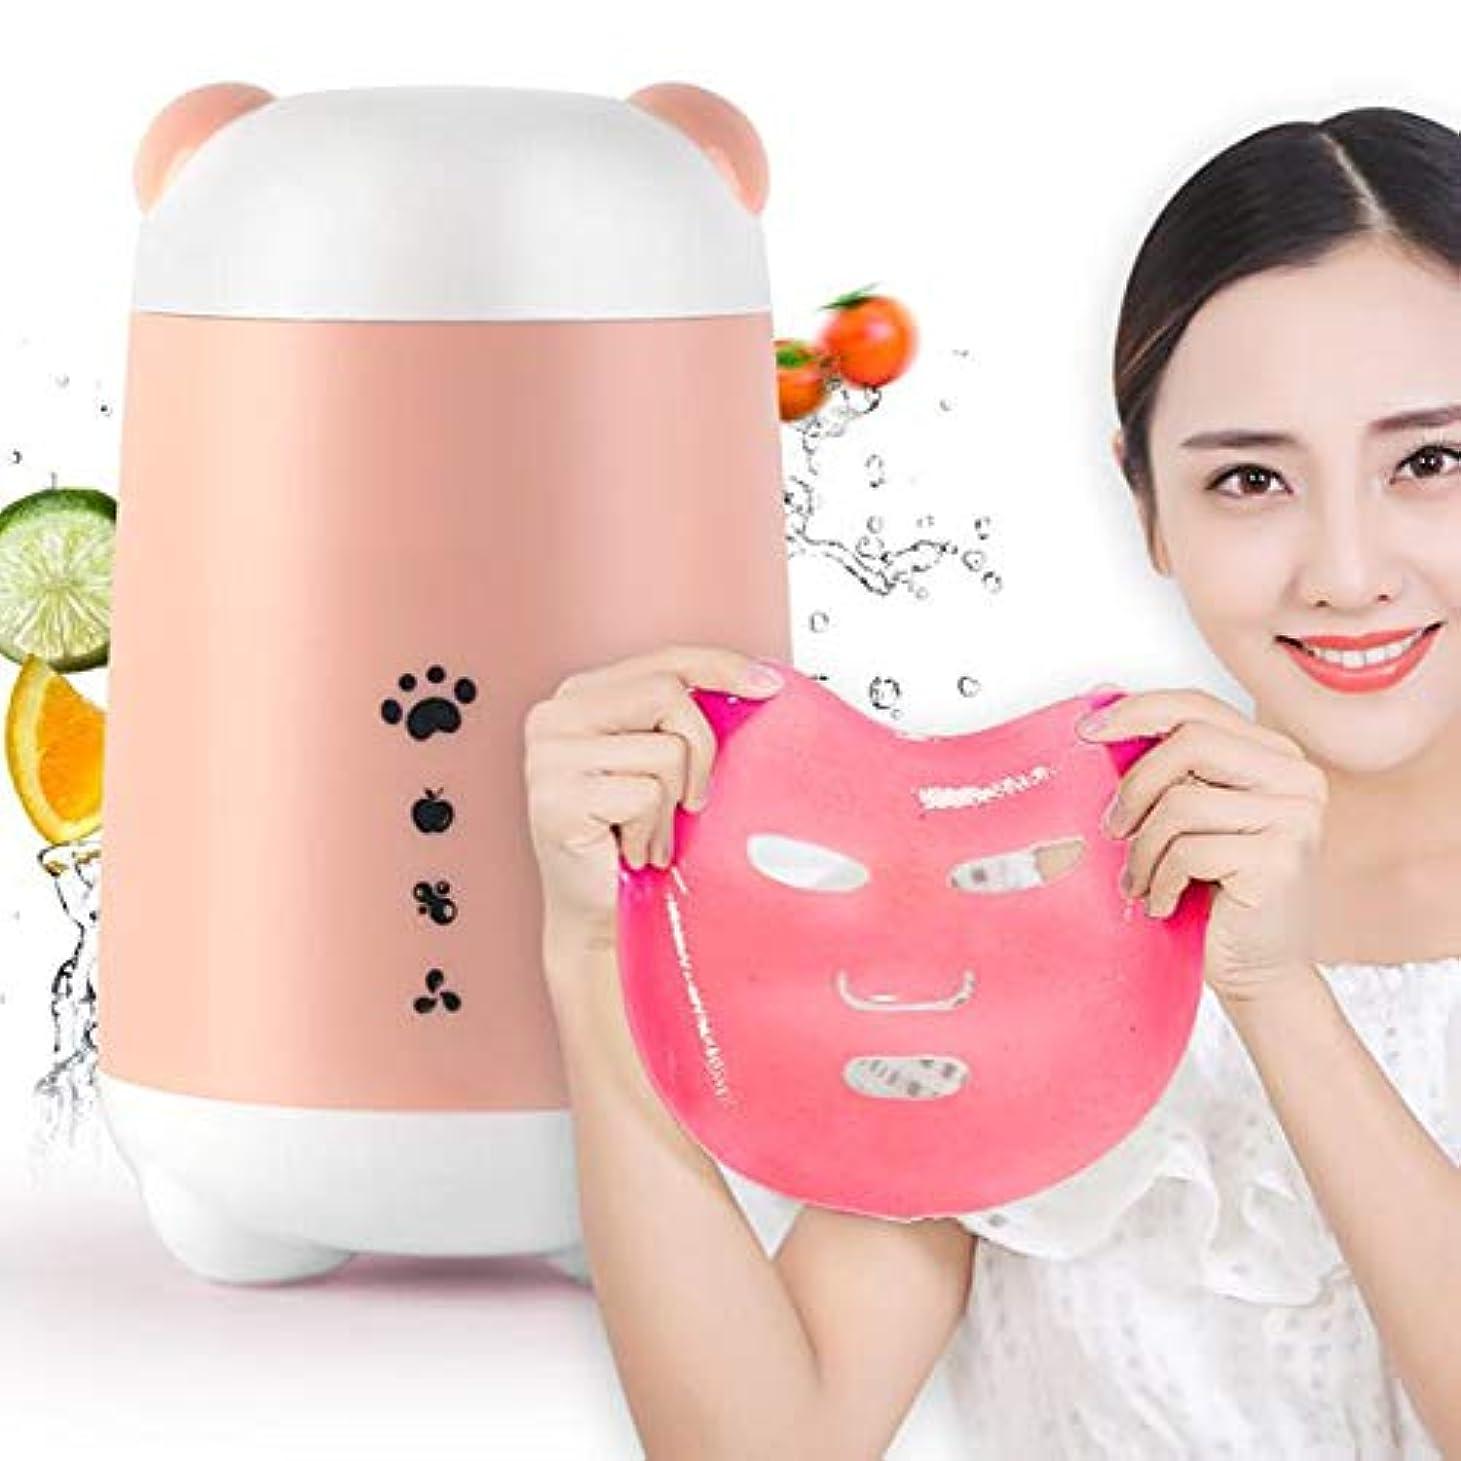 多年生けん引野ウサギフルーツと野菜のマスクを作るマシン、顔のスチーマー完全自動音声プロンプトDIY自家製の自然美容機器,Pink